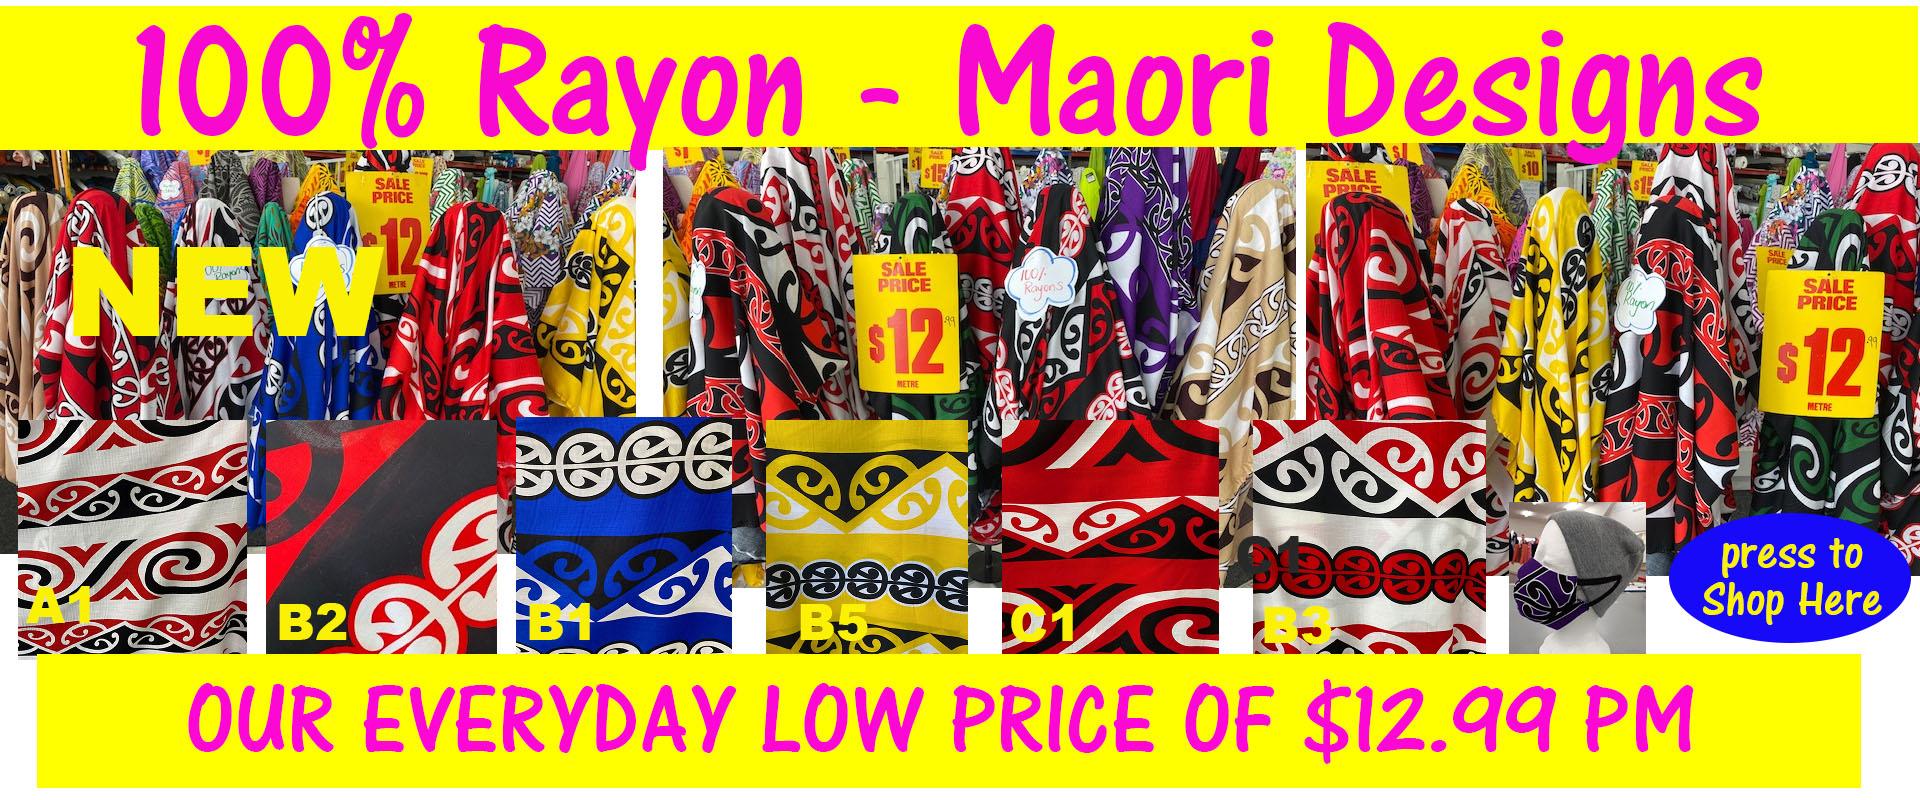 100% Rayon Maori Designs